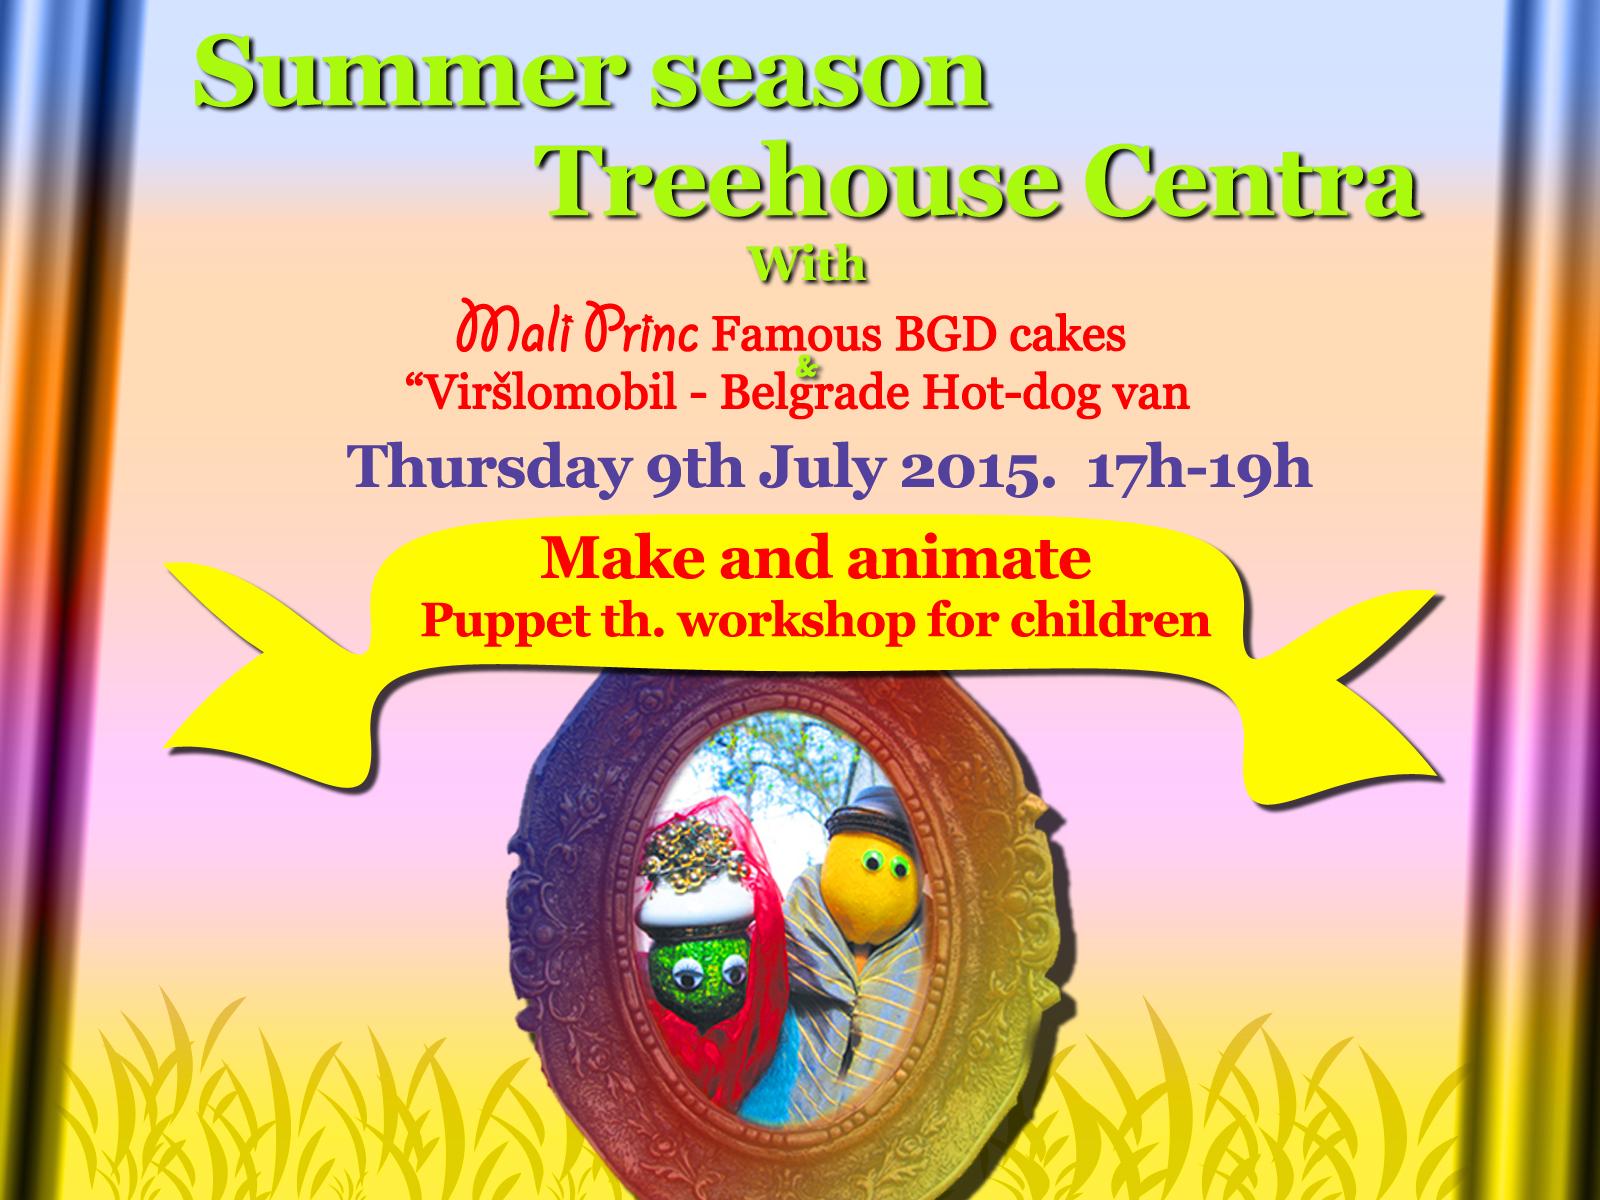 http://www.treehousesc.com/wp-content/uploads/2015/07/Poster-E.jpg